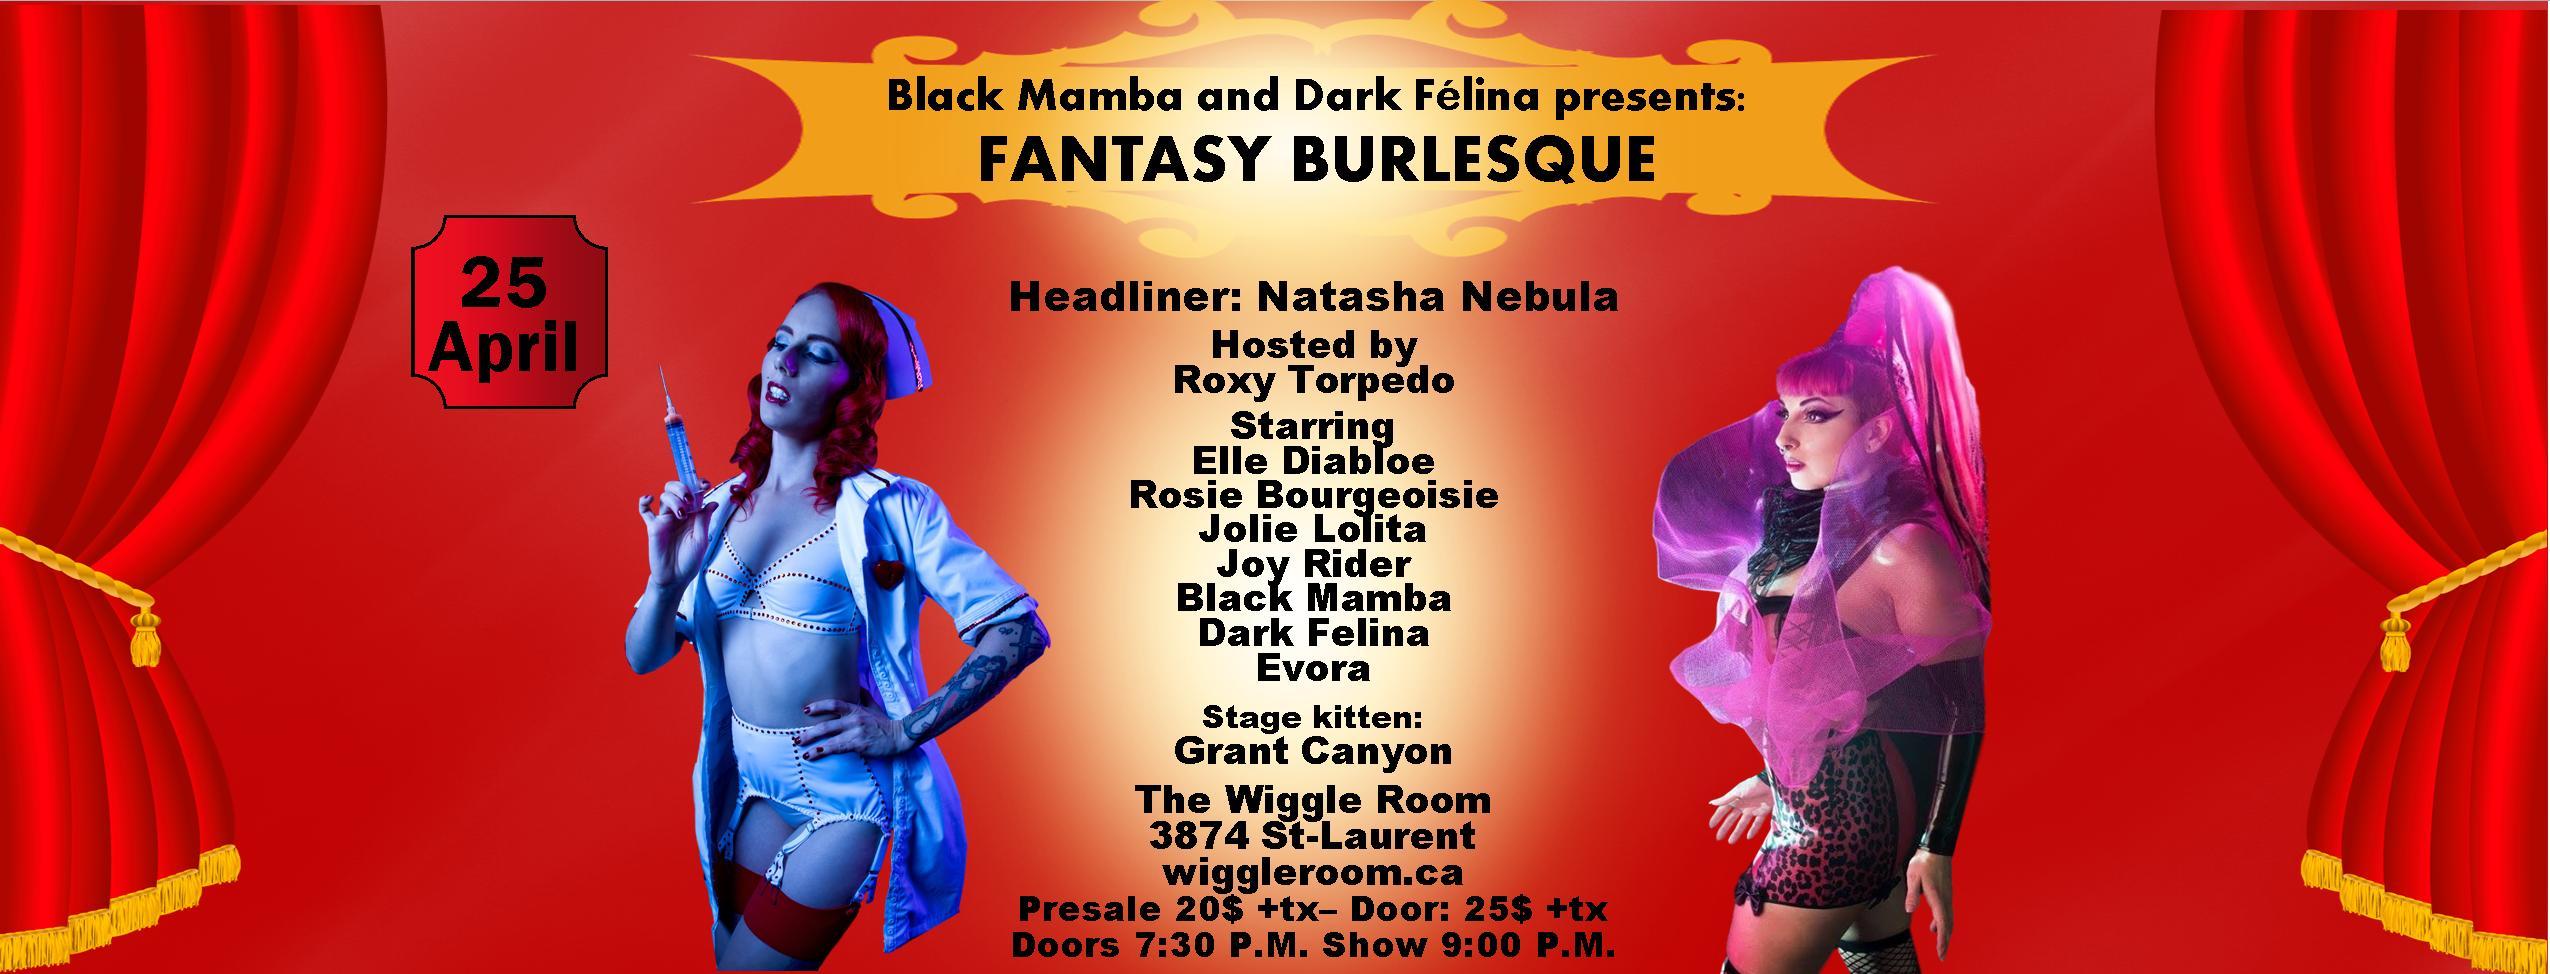 Fantasy burlesque